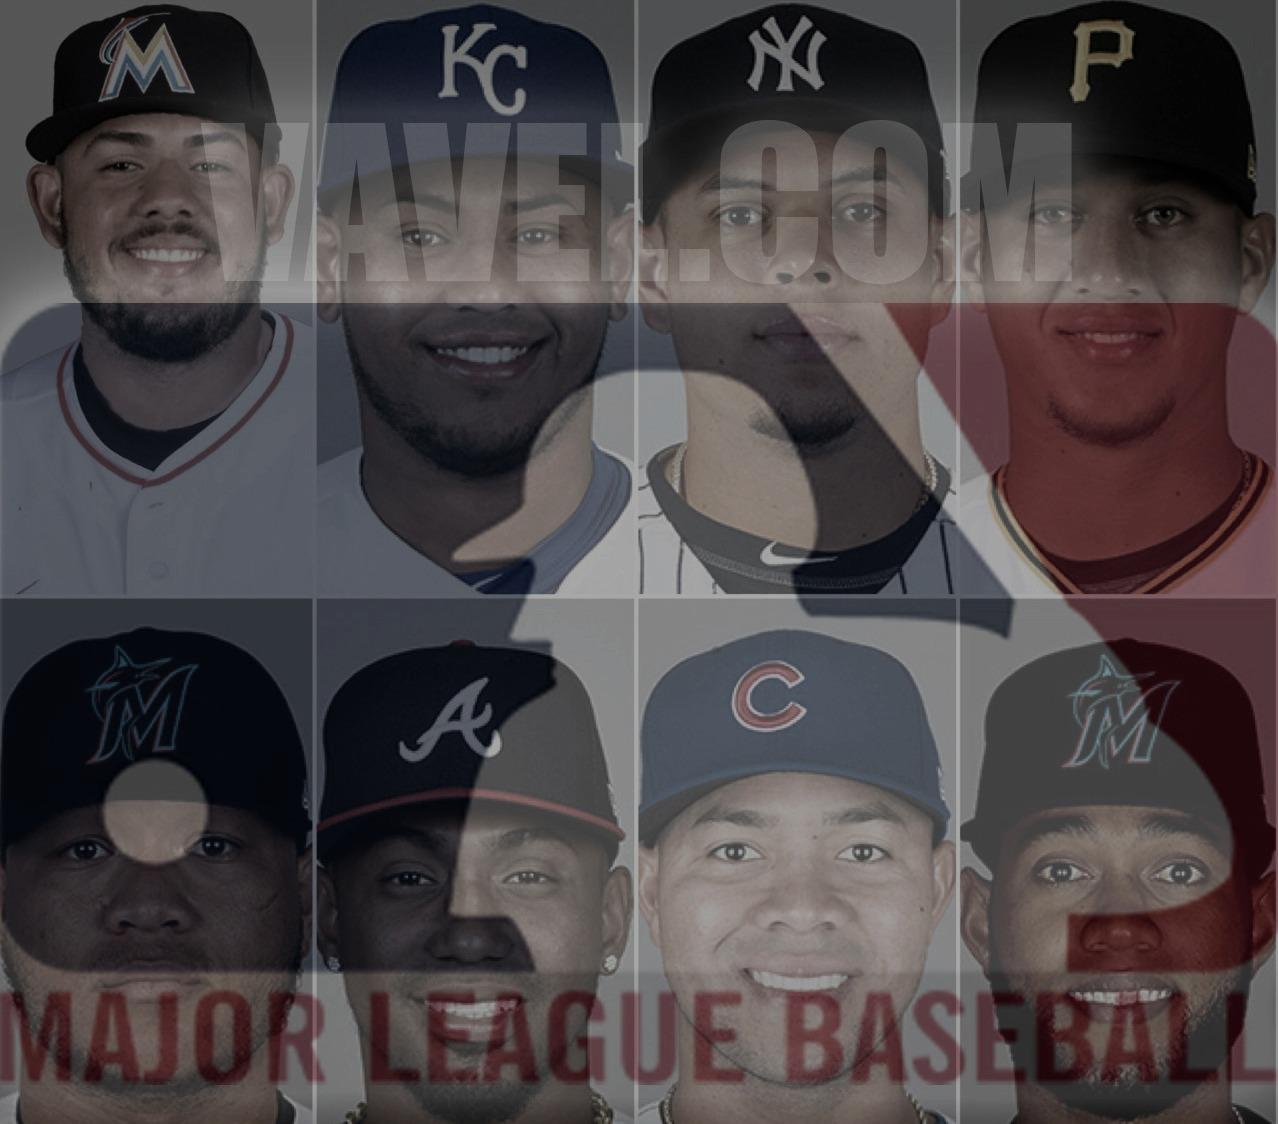 ¡La temporada 2019 del béisbol de las grandes ligas, viene doblando por tercera!